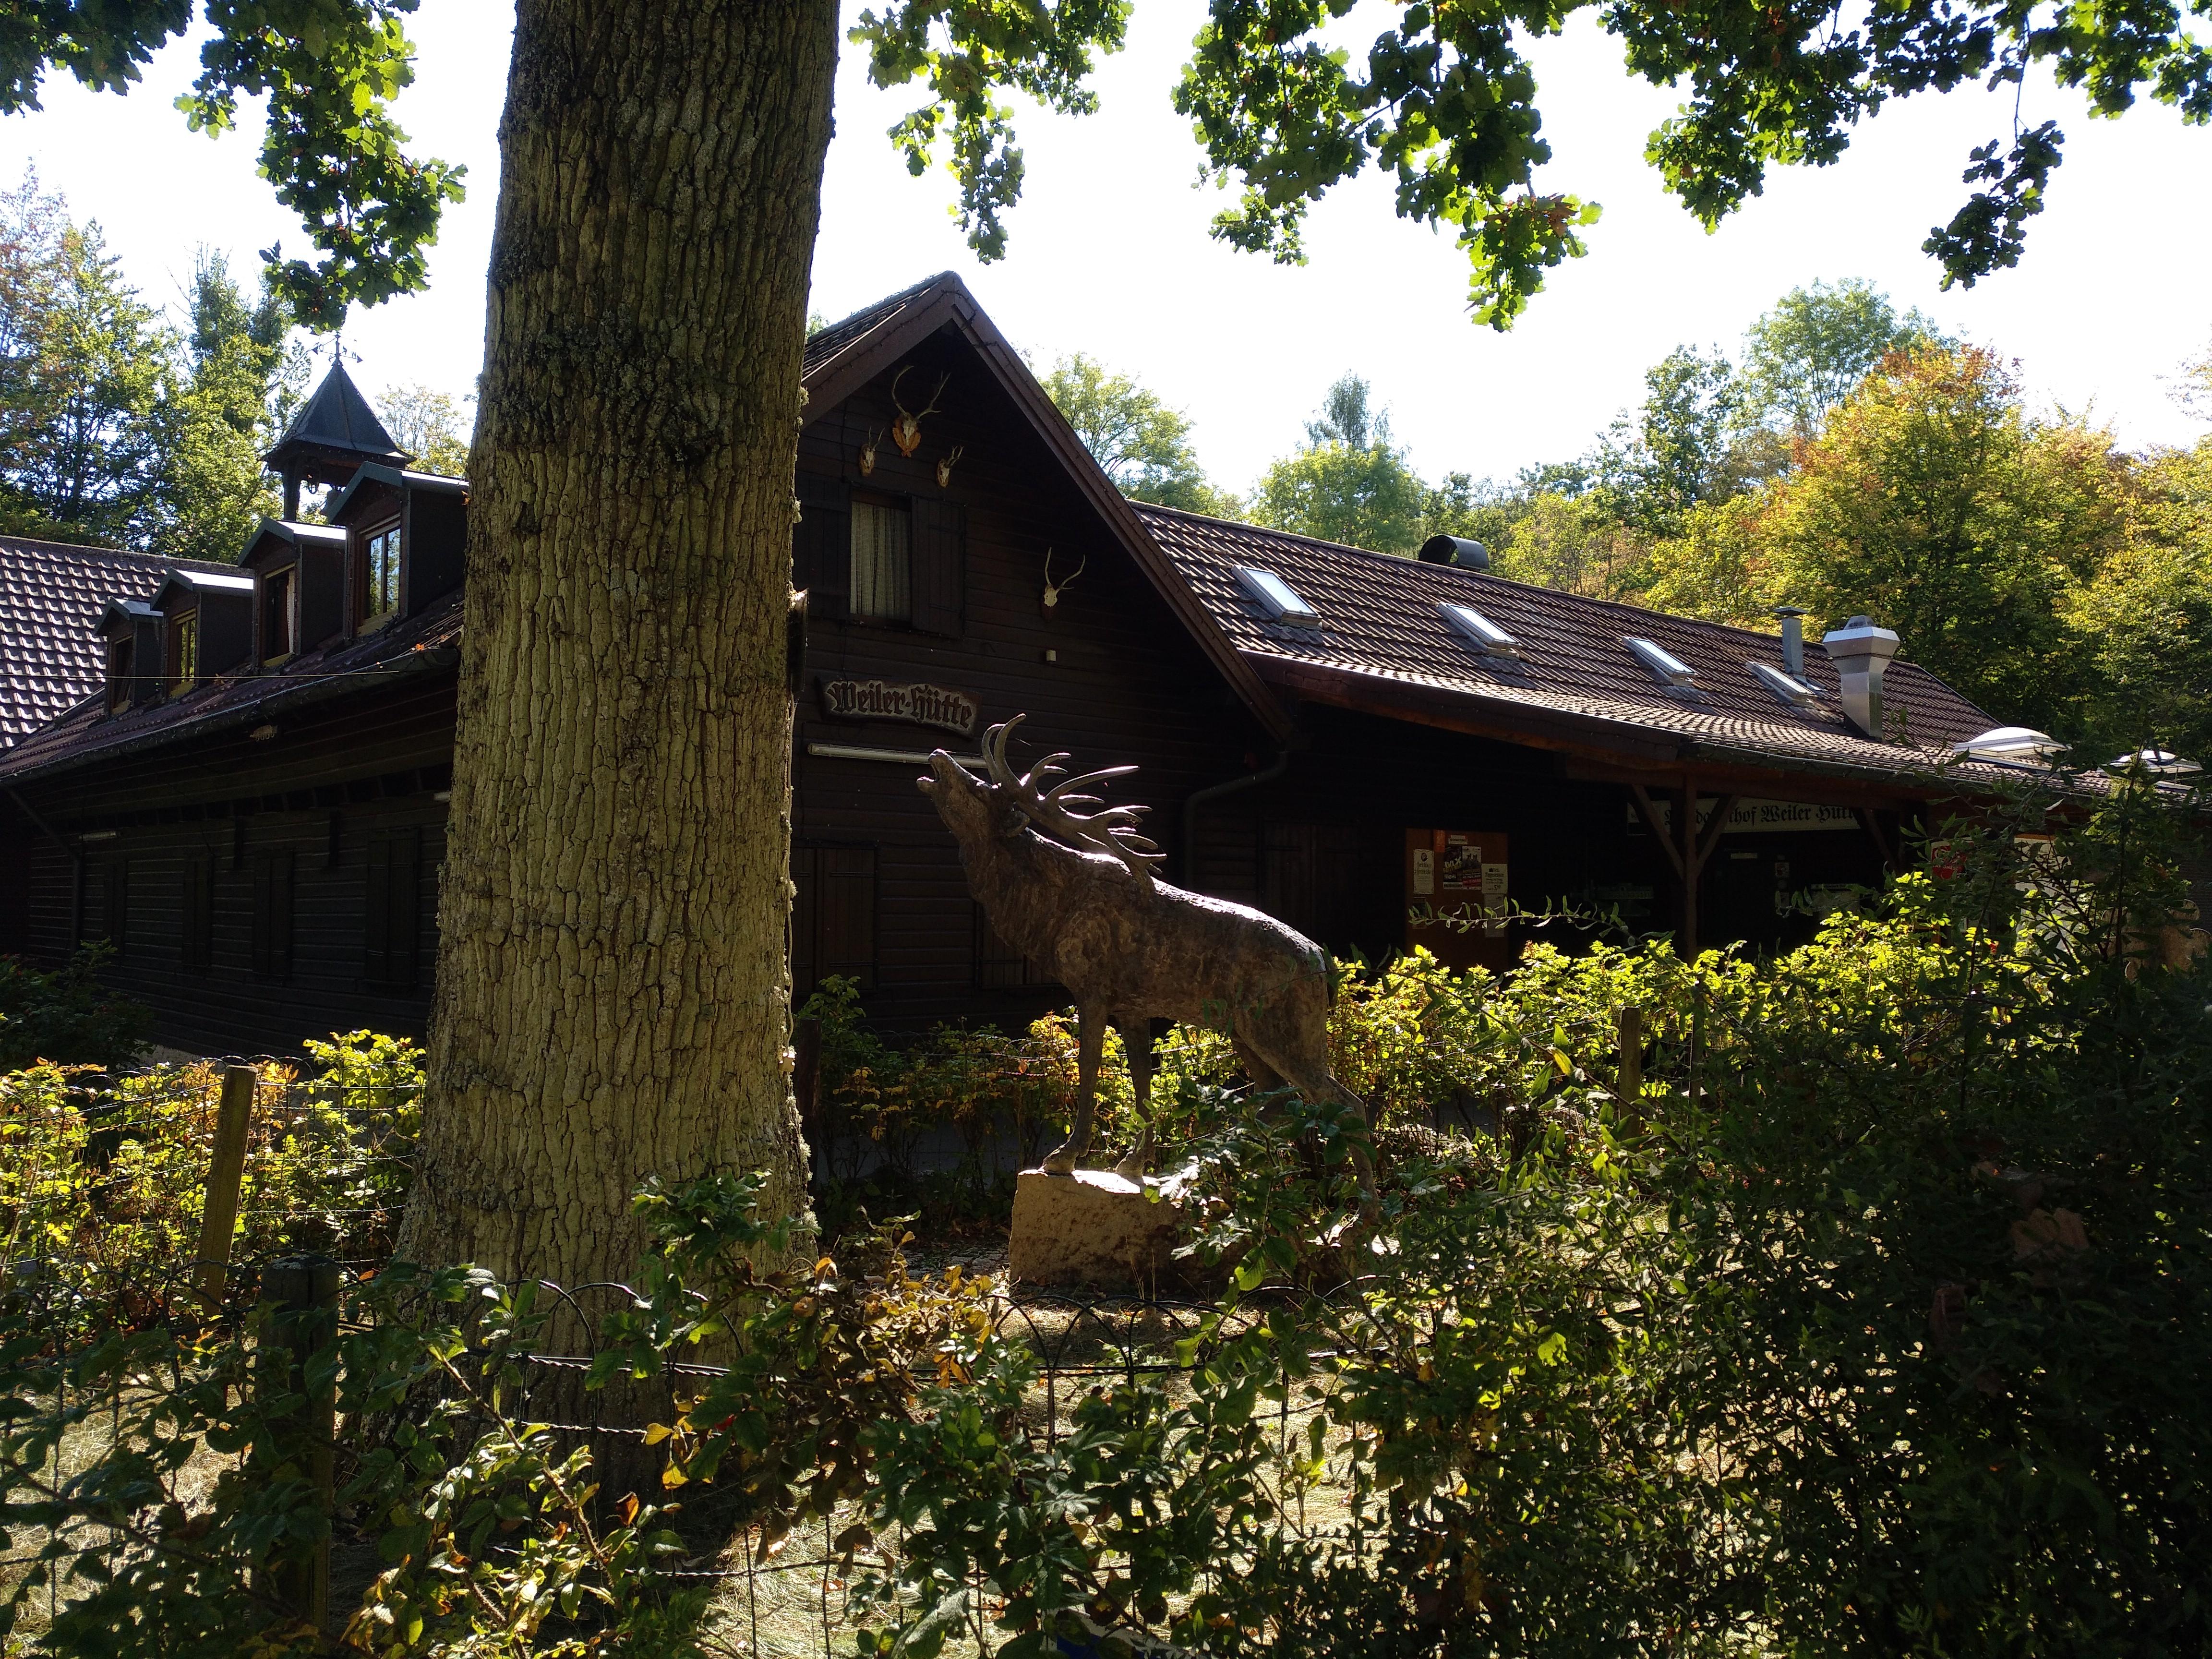 Radtour zur Weiler Hütte